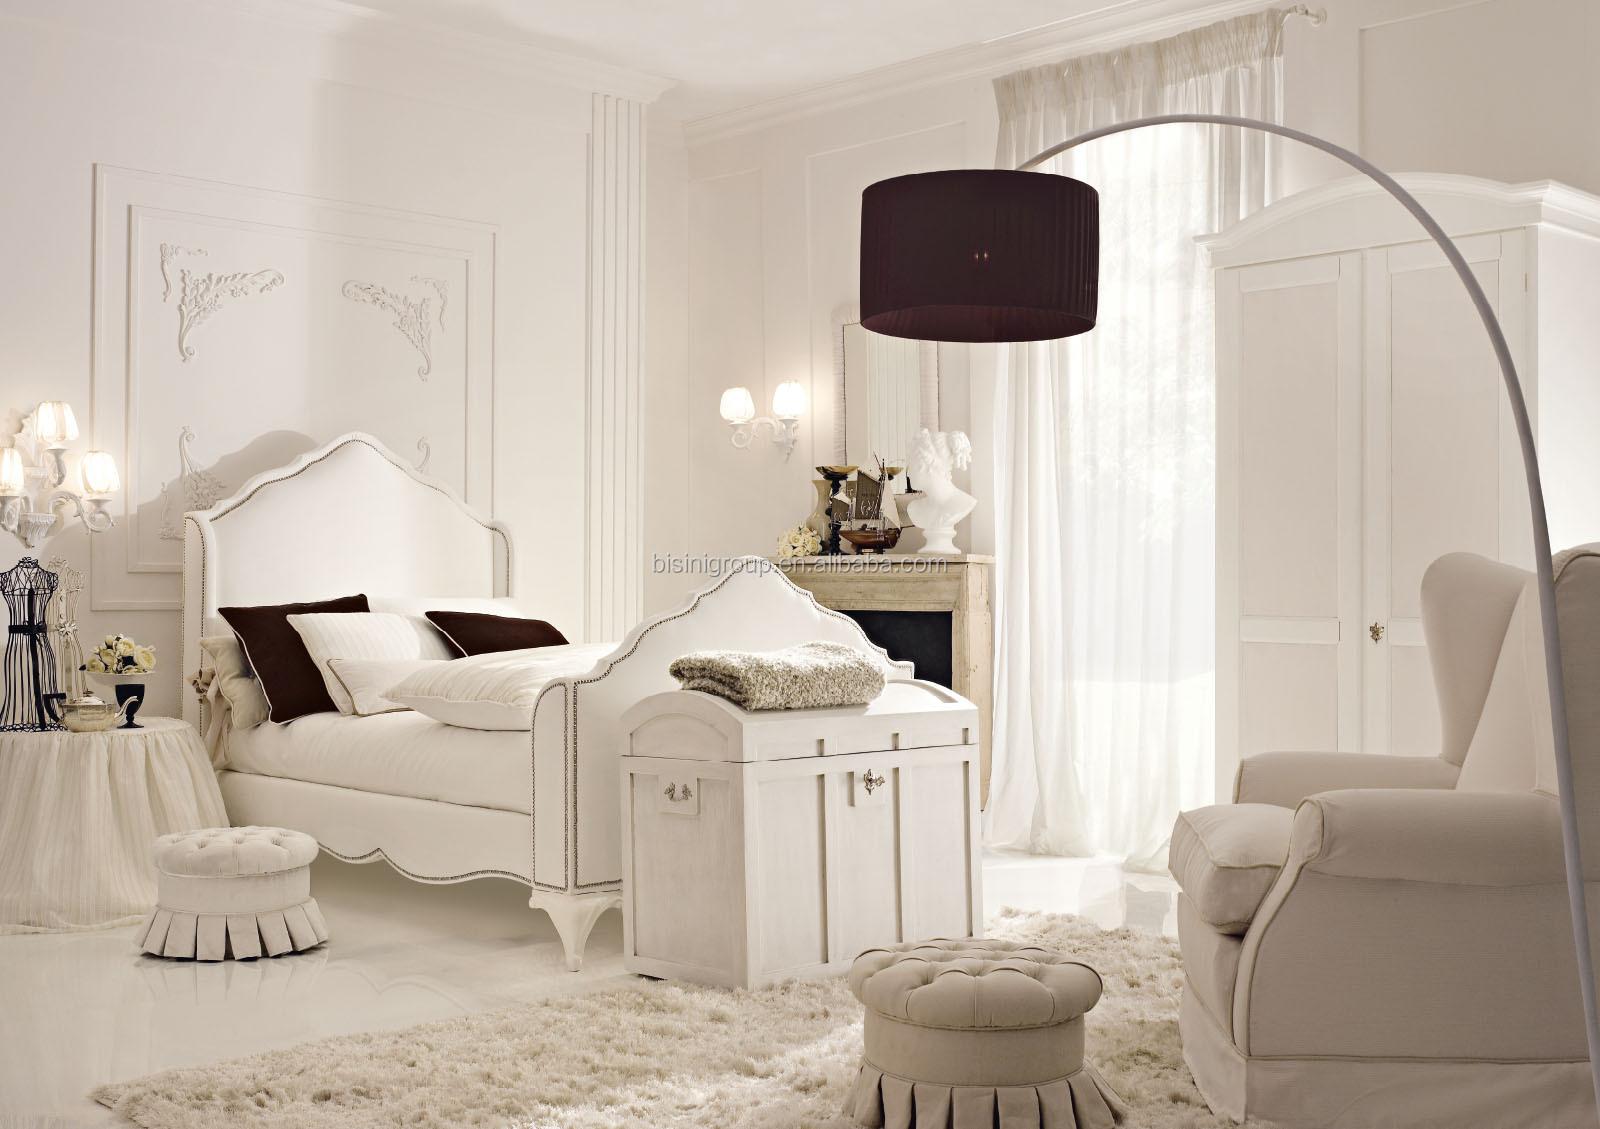 Bisini Amerikanischen Stil Kinder Schlafzimmer Set,Kinder Modernen Stil Aus  Holz Schlafzimmer Möbel Bg700010 - Buy Kinder Schlafzimmer Set,Kinder Bett  ...